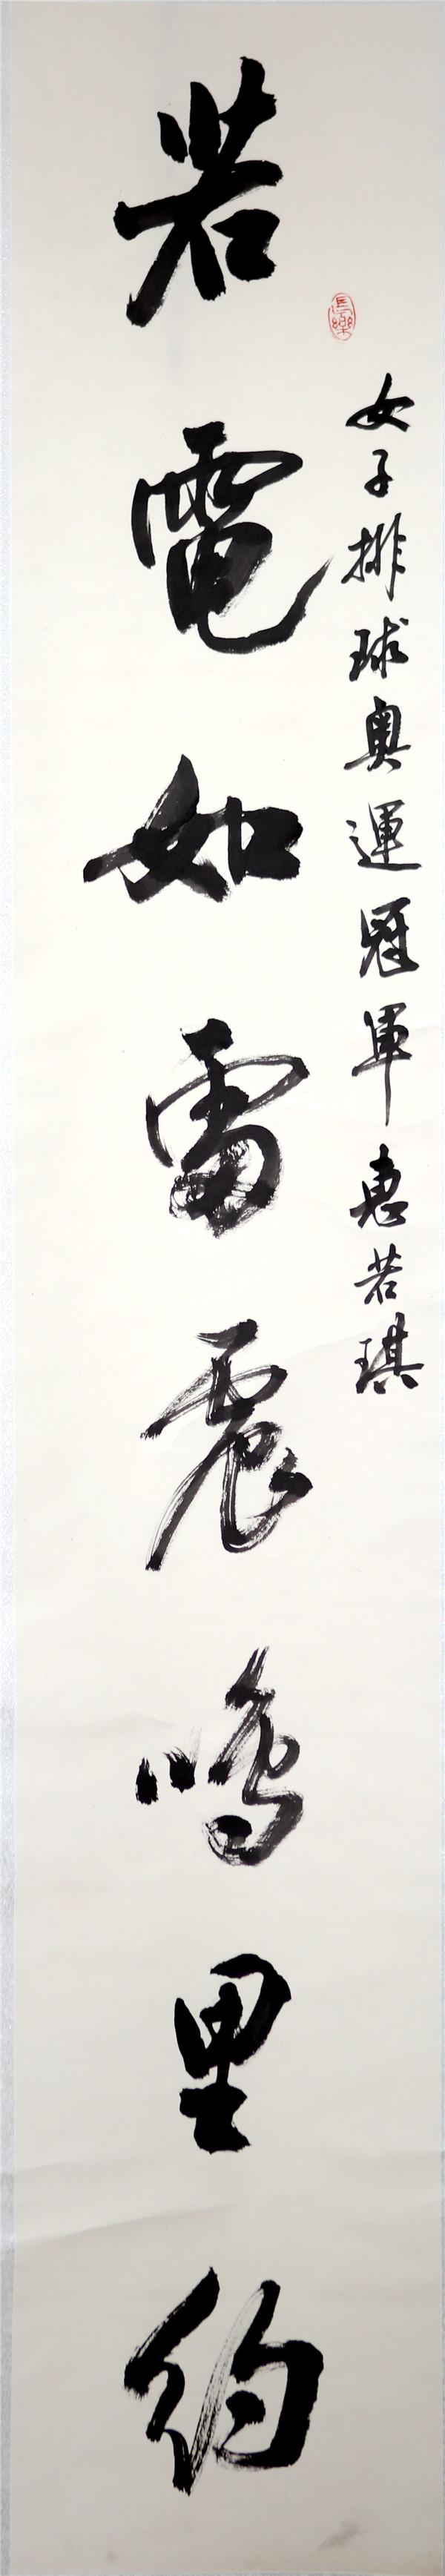 序号372,书录汤洁为江苏奥运冠军惠若琪嵌名联